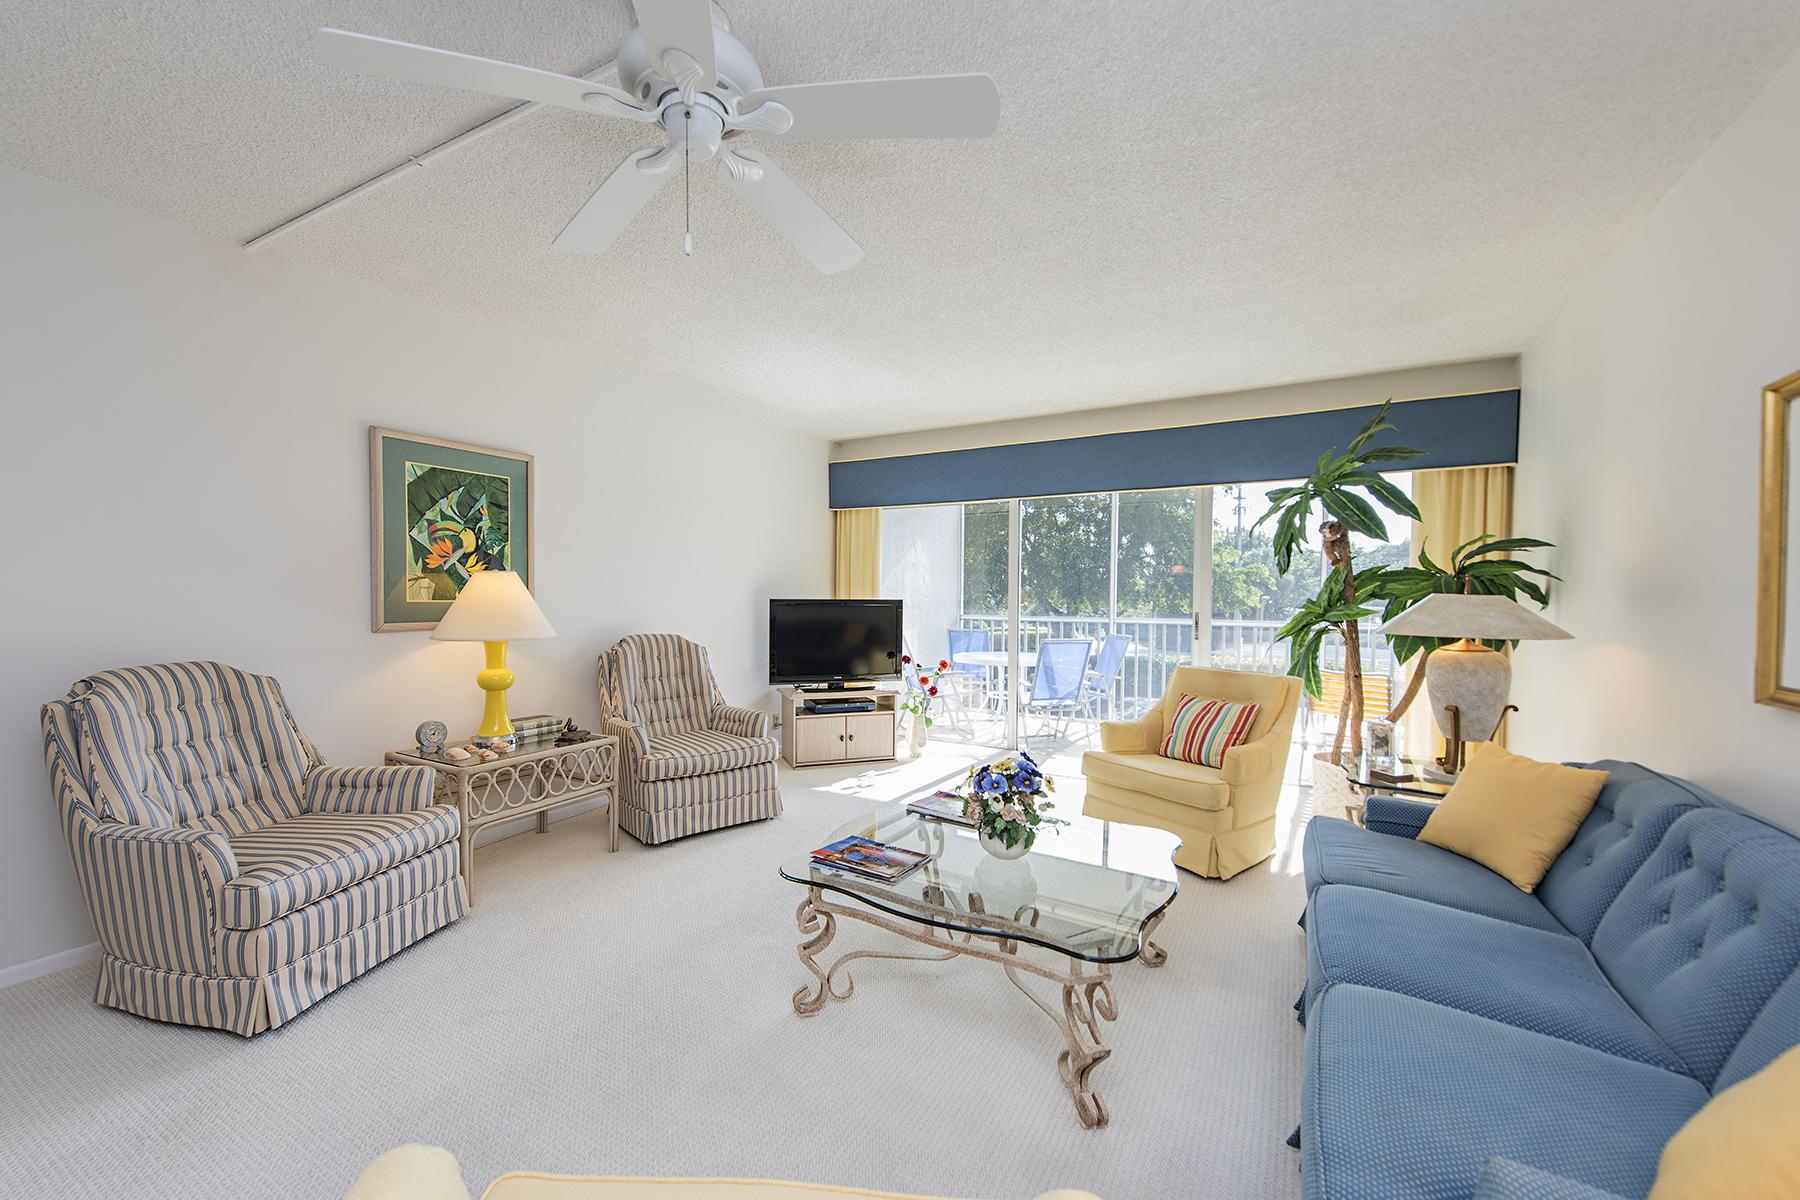 共管式独立产权公寓 为 销售 在 VANDERBILT TOWERS 1 Bluebill Ave 206 Naples, 佛罗里达州 34108 美国